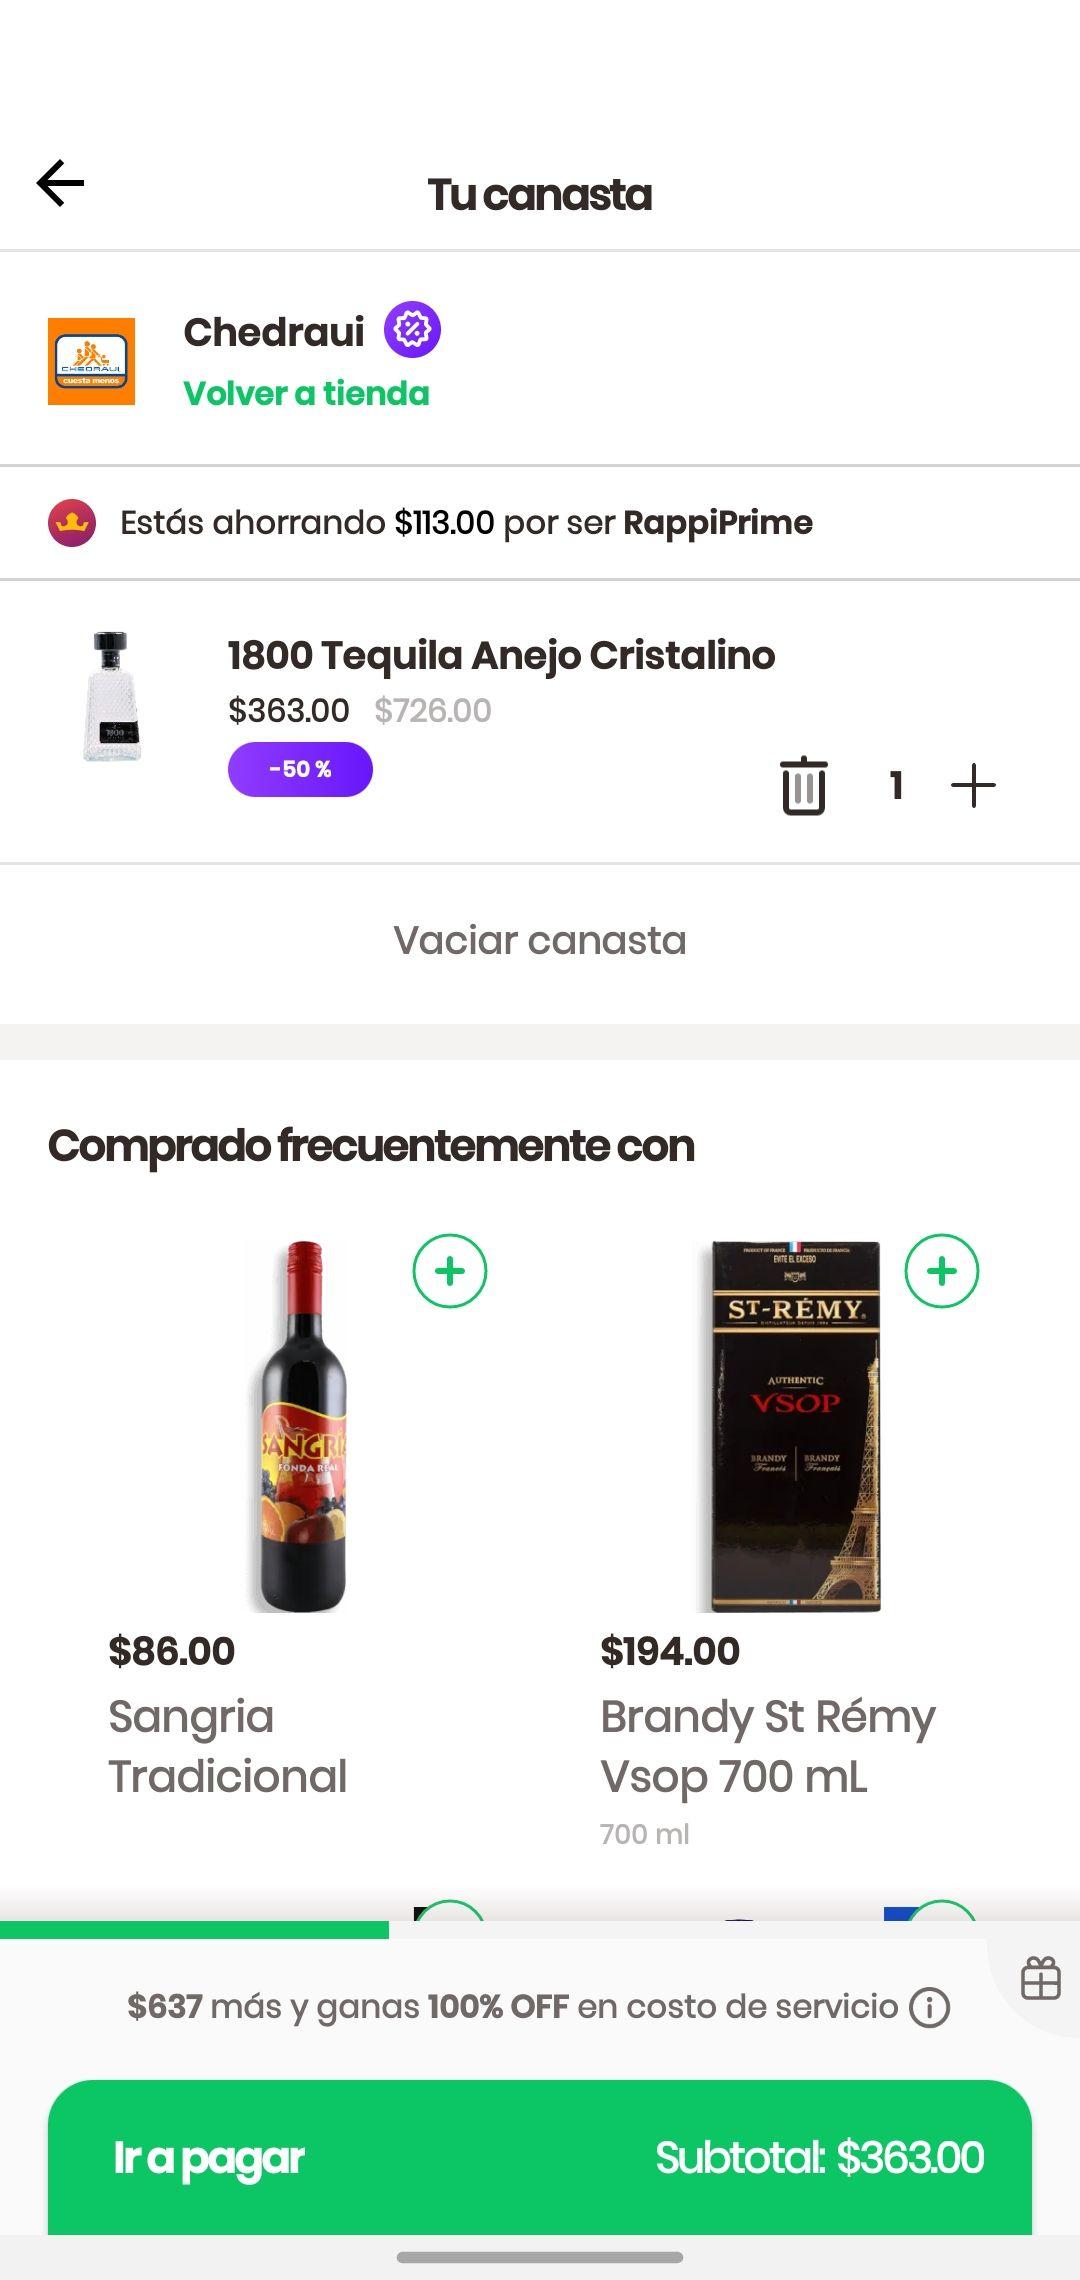 Rappi, Tequila 1800 cristalino, $363